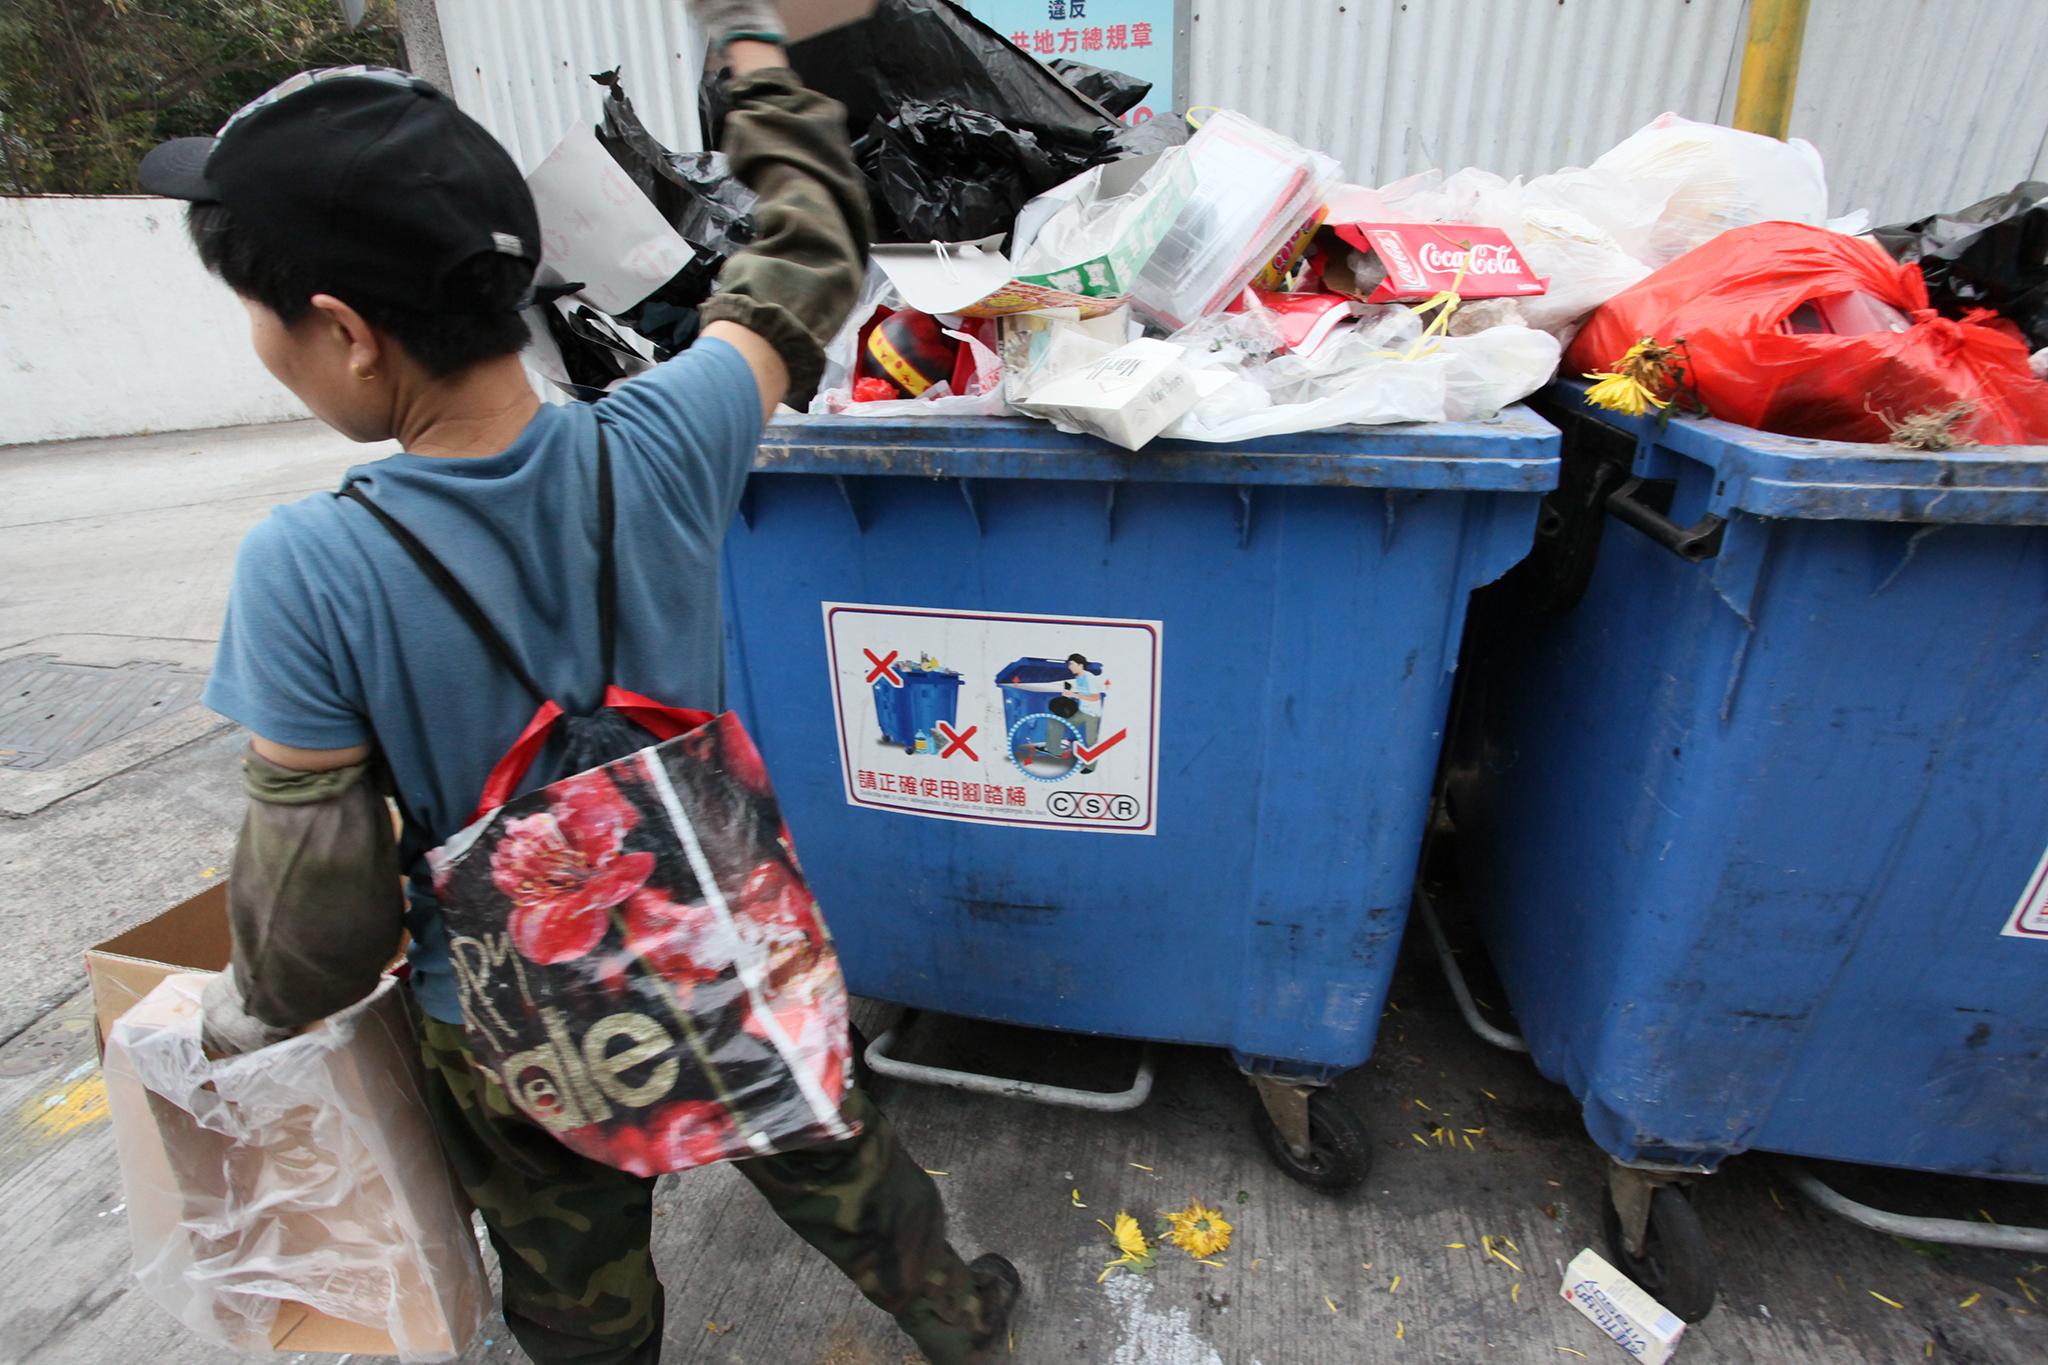 Ambiente | Quantidade de lixo produzido 'per capita' sem sinais de abrandamento